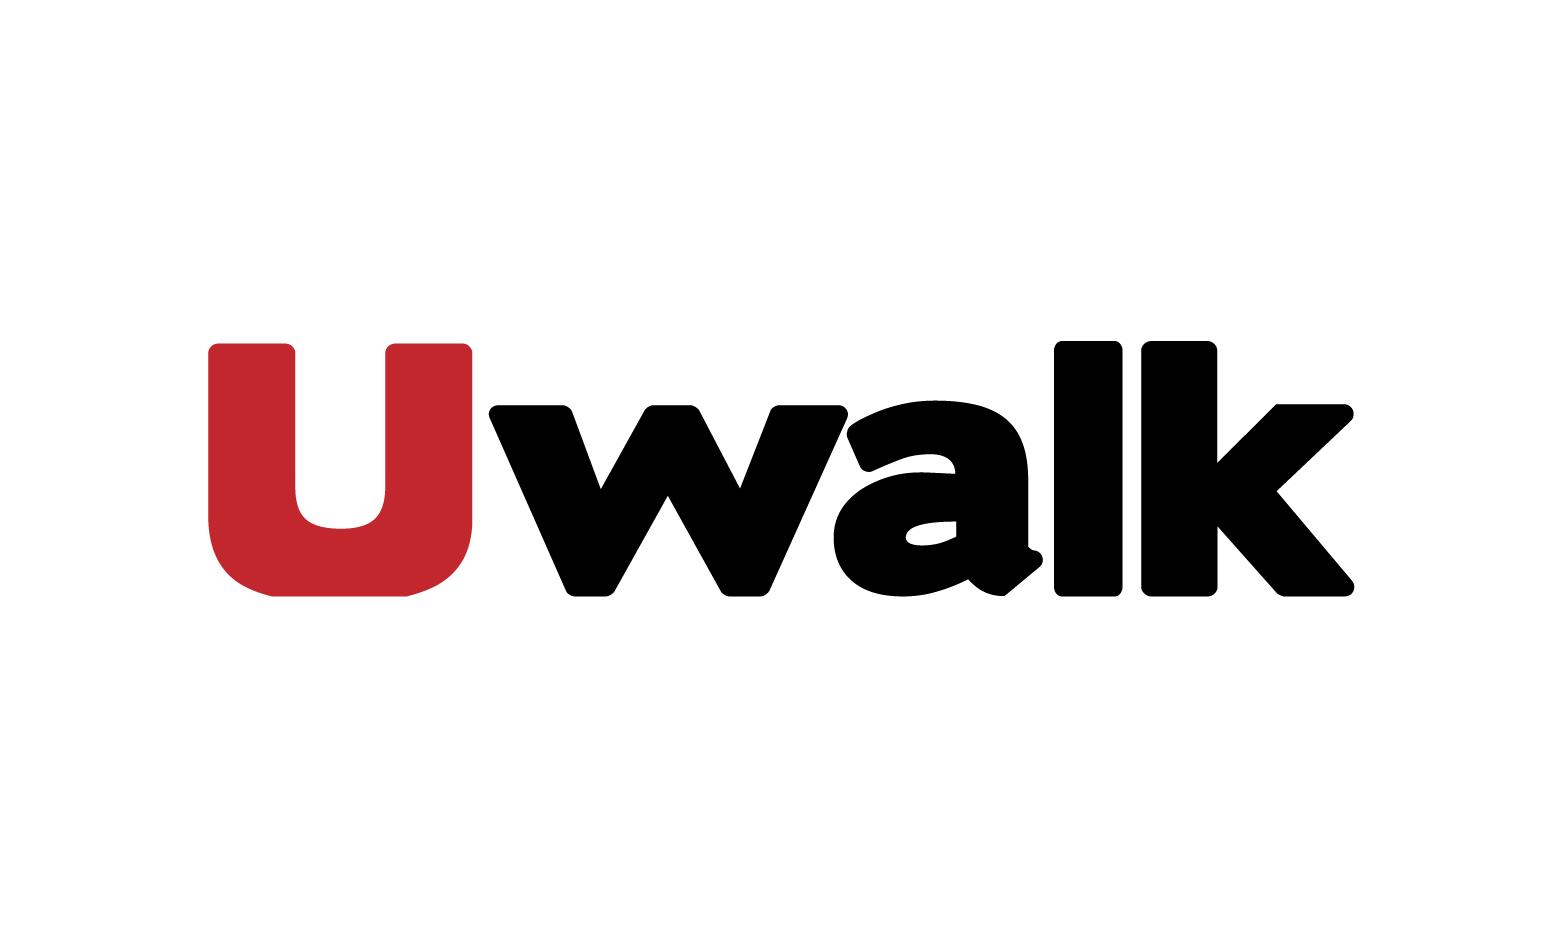 Uwalk.com